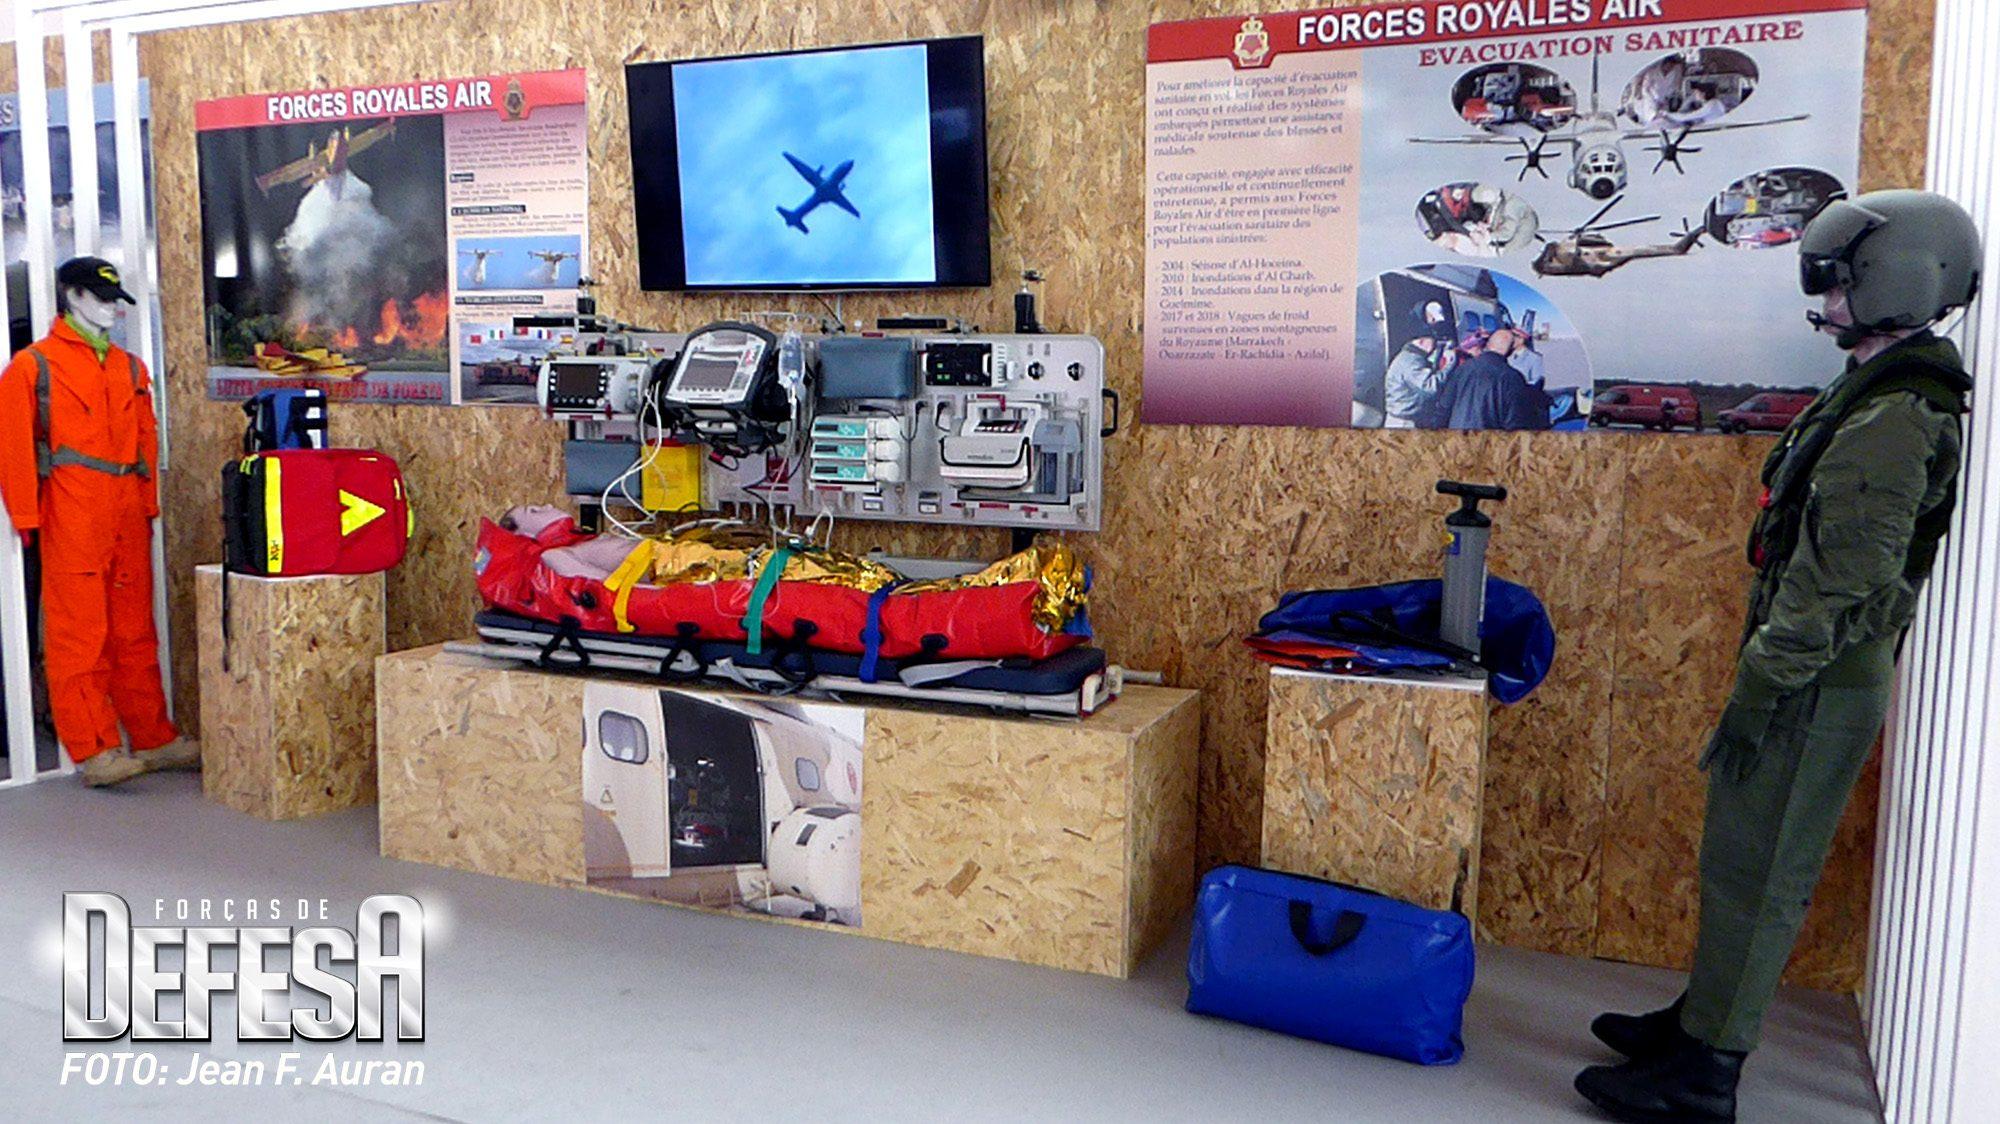 Estande de equipamentos de evacuação aeromédica